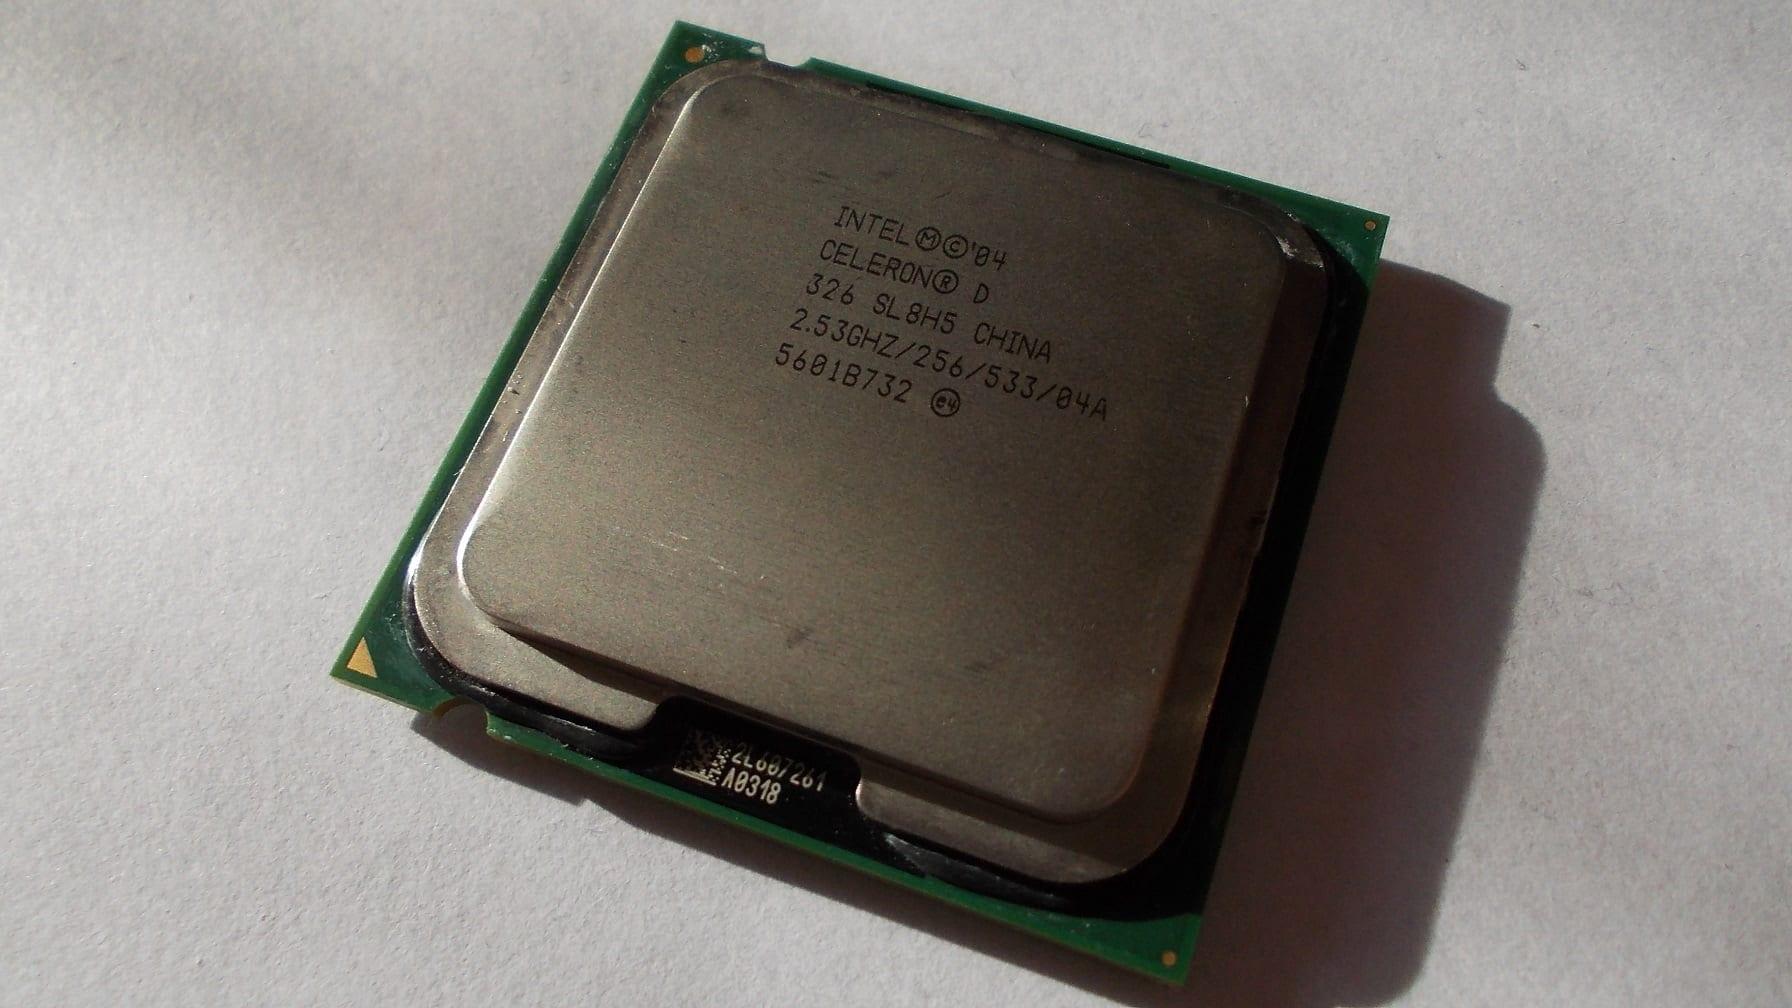 Экспресс разгон процессора Intel Celeron D 326 до 4560МГц (90нм, Prescott, 2533МГц)